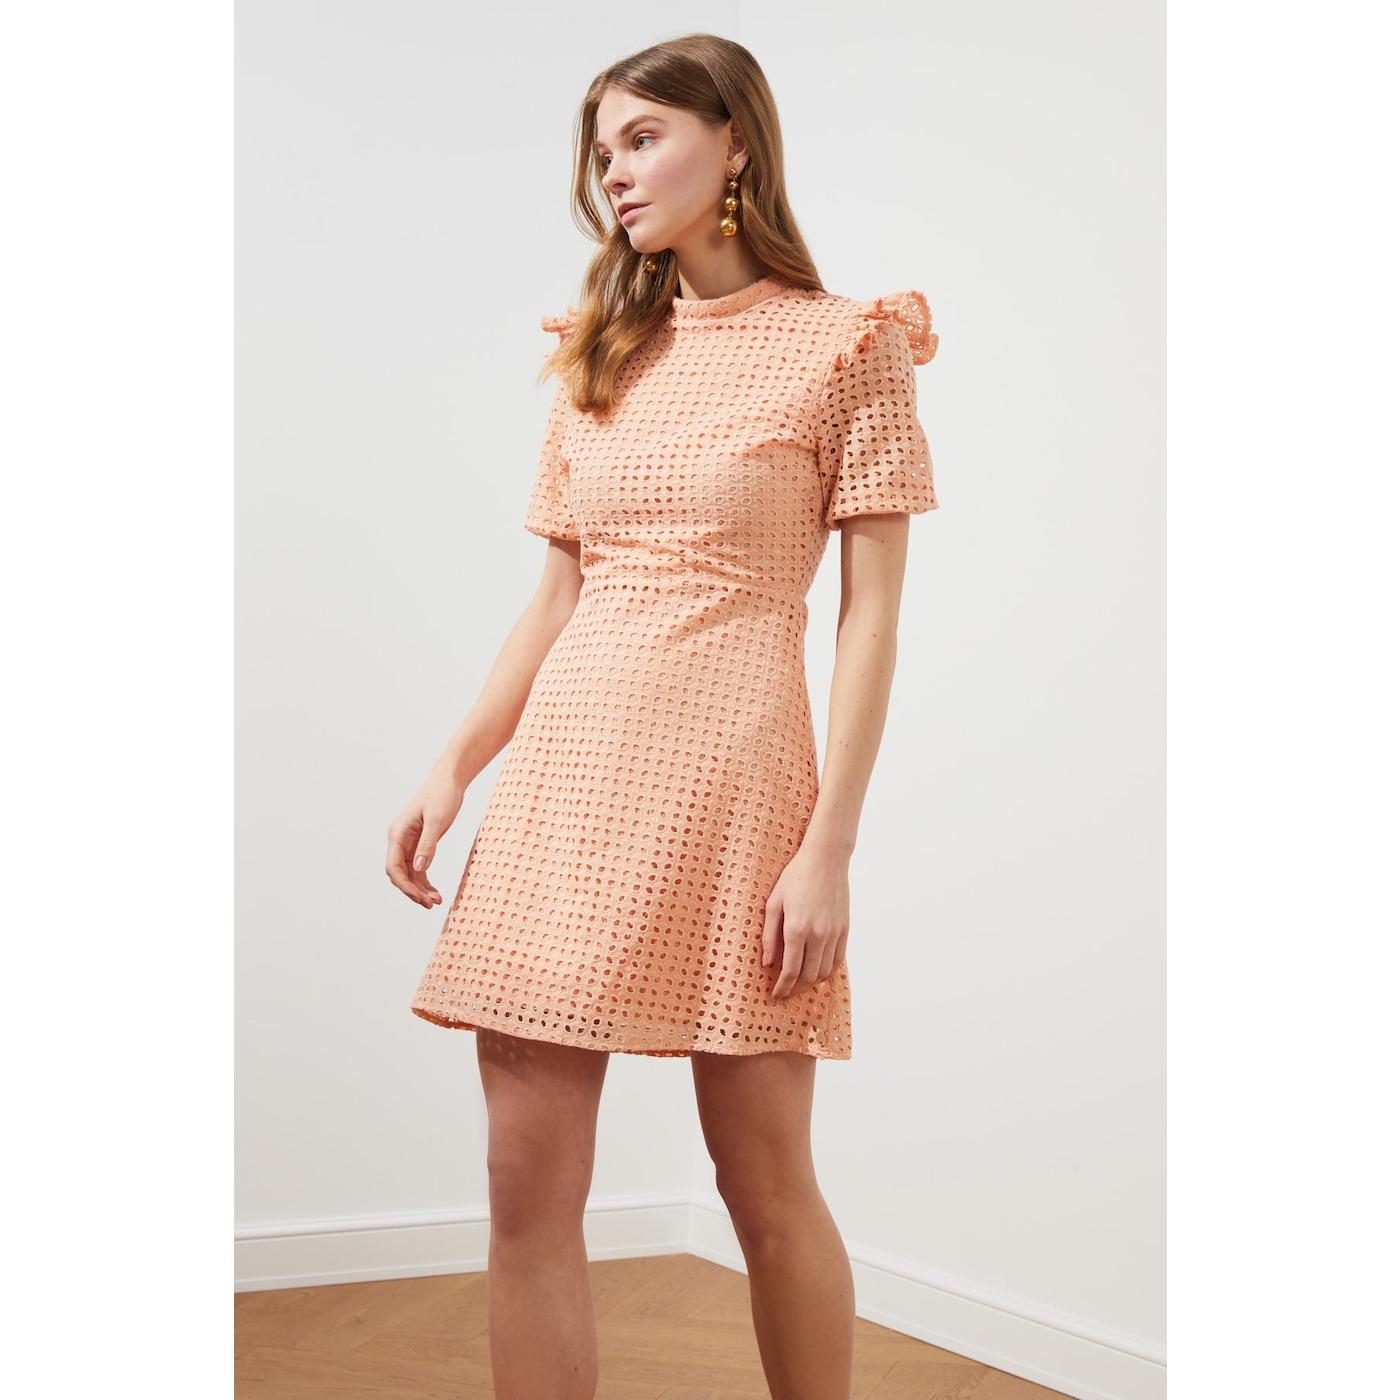 Trendyol Powder Ruffle Detail Brode Dress dámské powder pink 40